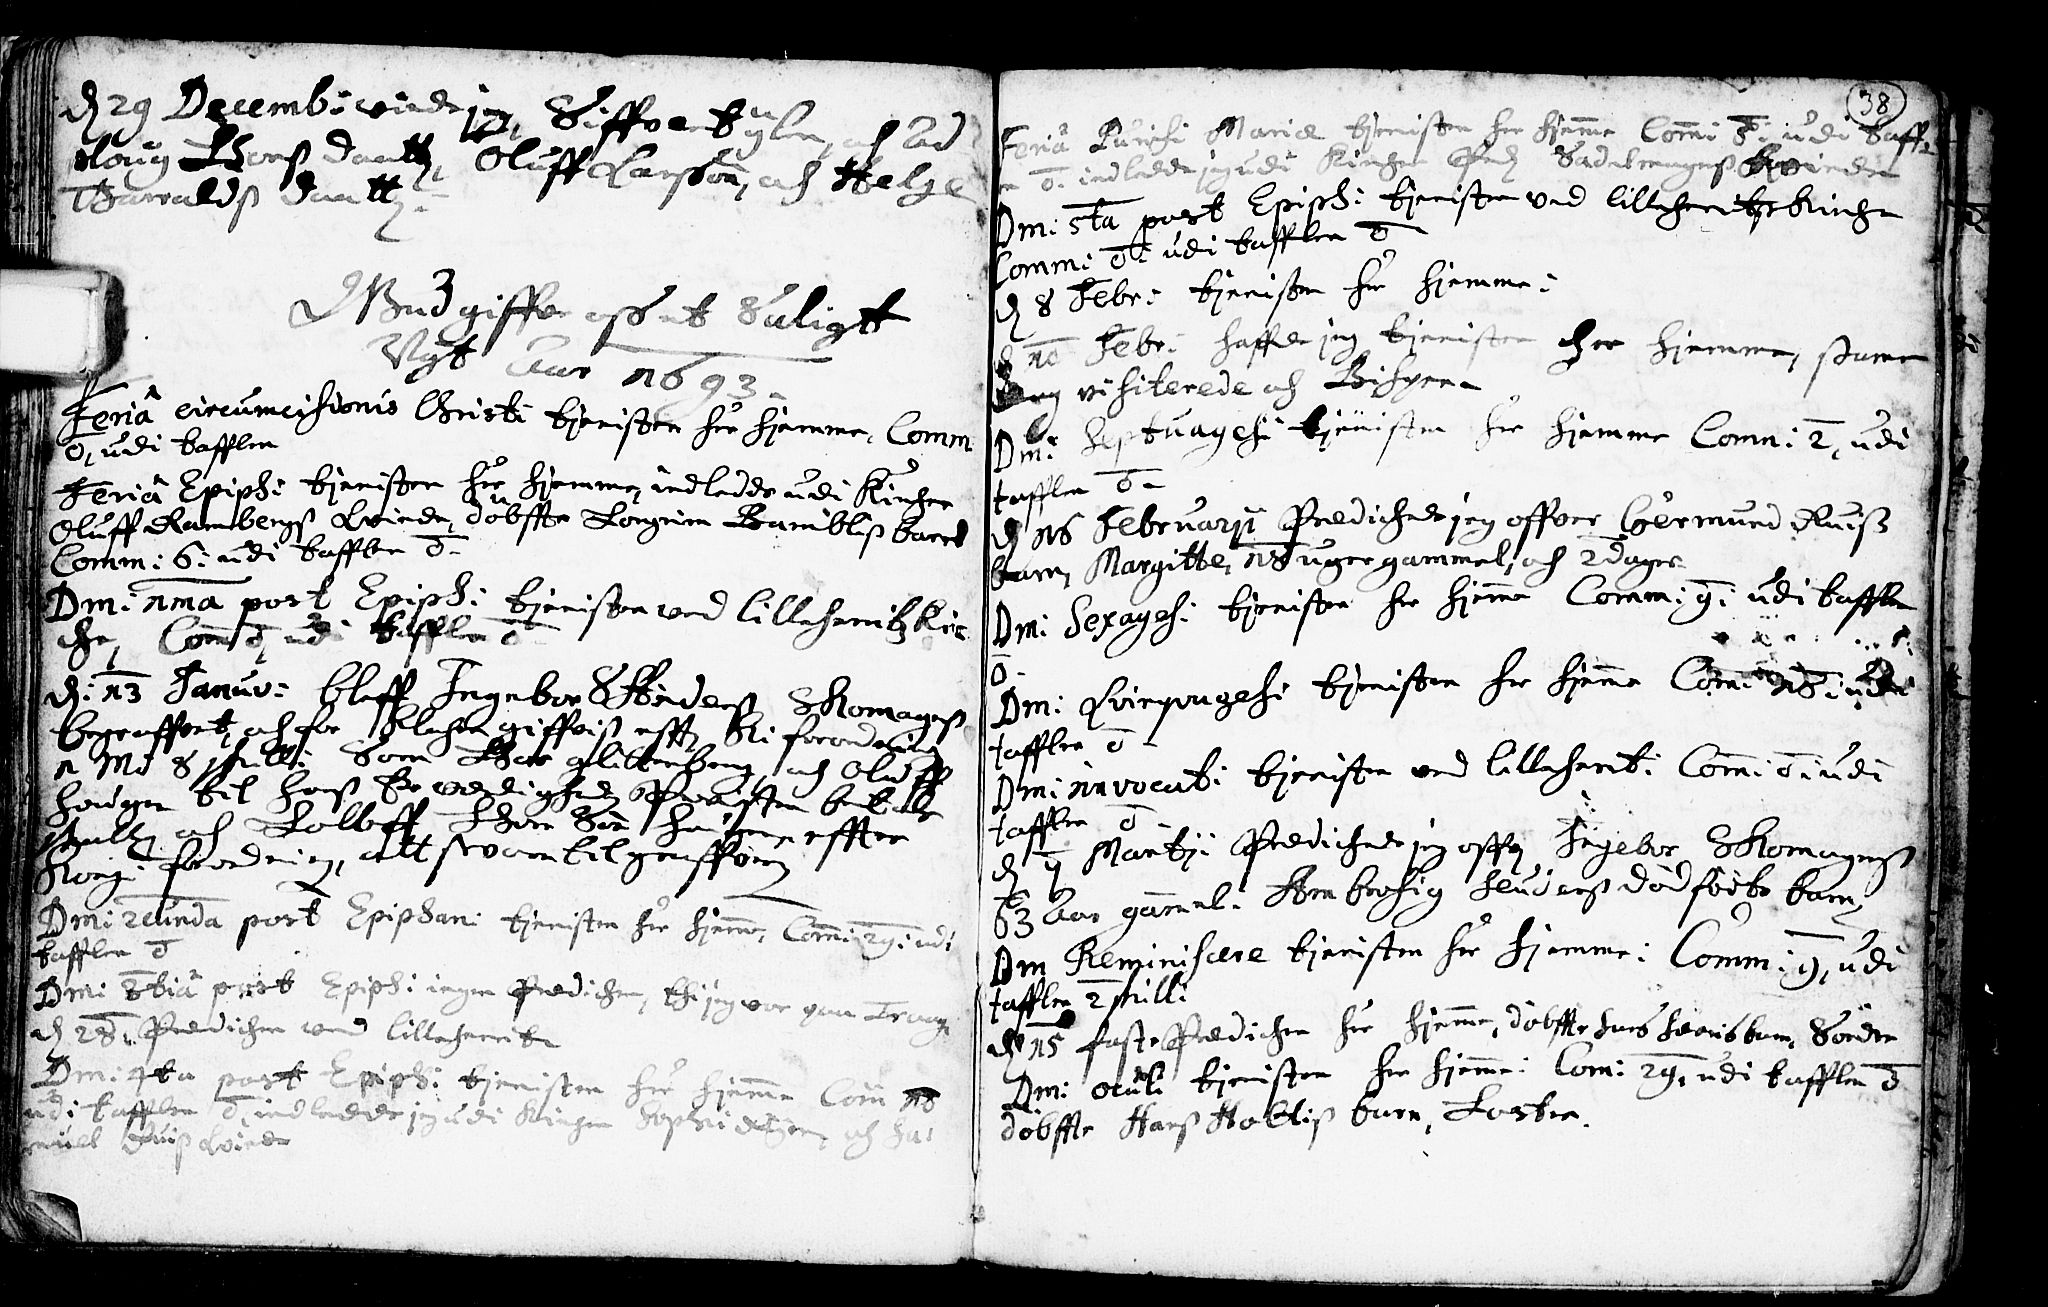 SAKO, Heddal kirkebøker, F/Fa/L0001: Ministerialbok nr. I 1, 1648-1699, s. 38